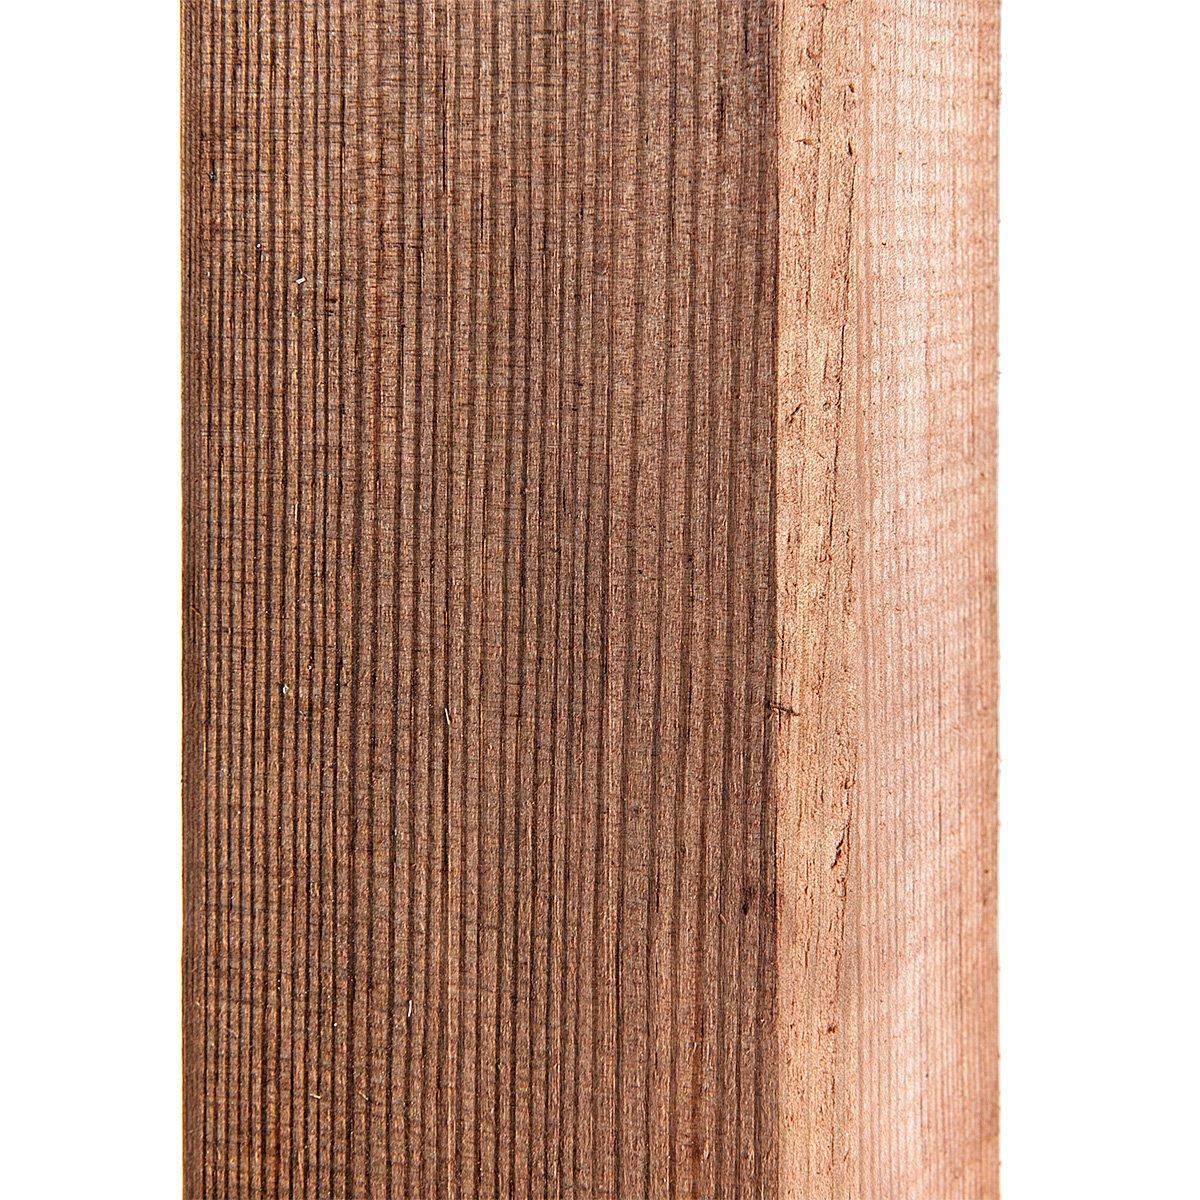 Haga® Poteau 7cm x 7cm x 150cm Poteaux en bois pin Poteau imprégné 1Stk. HaGa-Welt